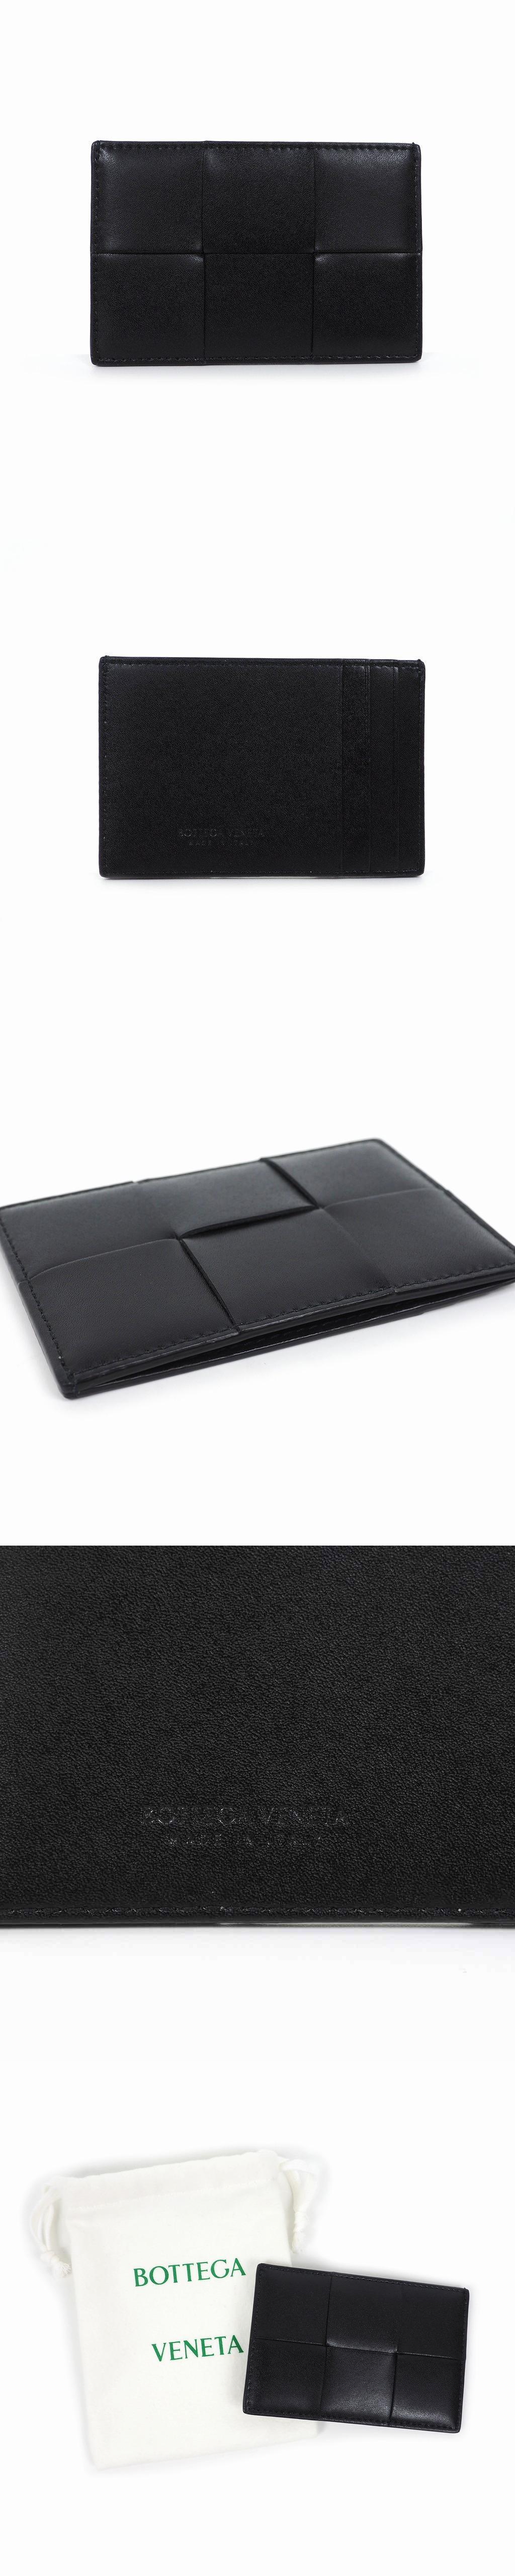 イントレチャート クレジット カードケース 名刺入れ レザー ブラック 黒